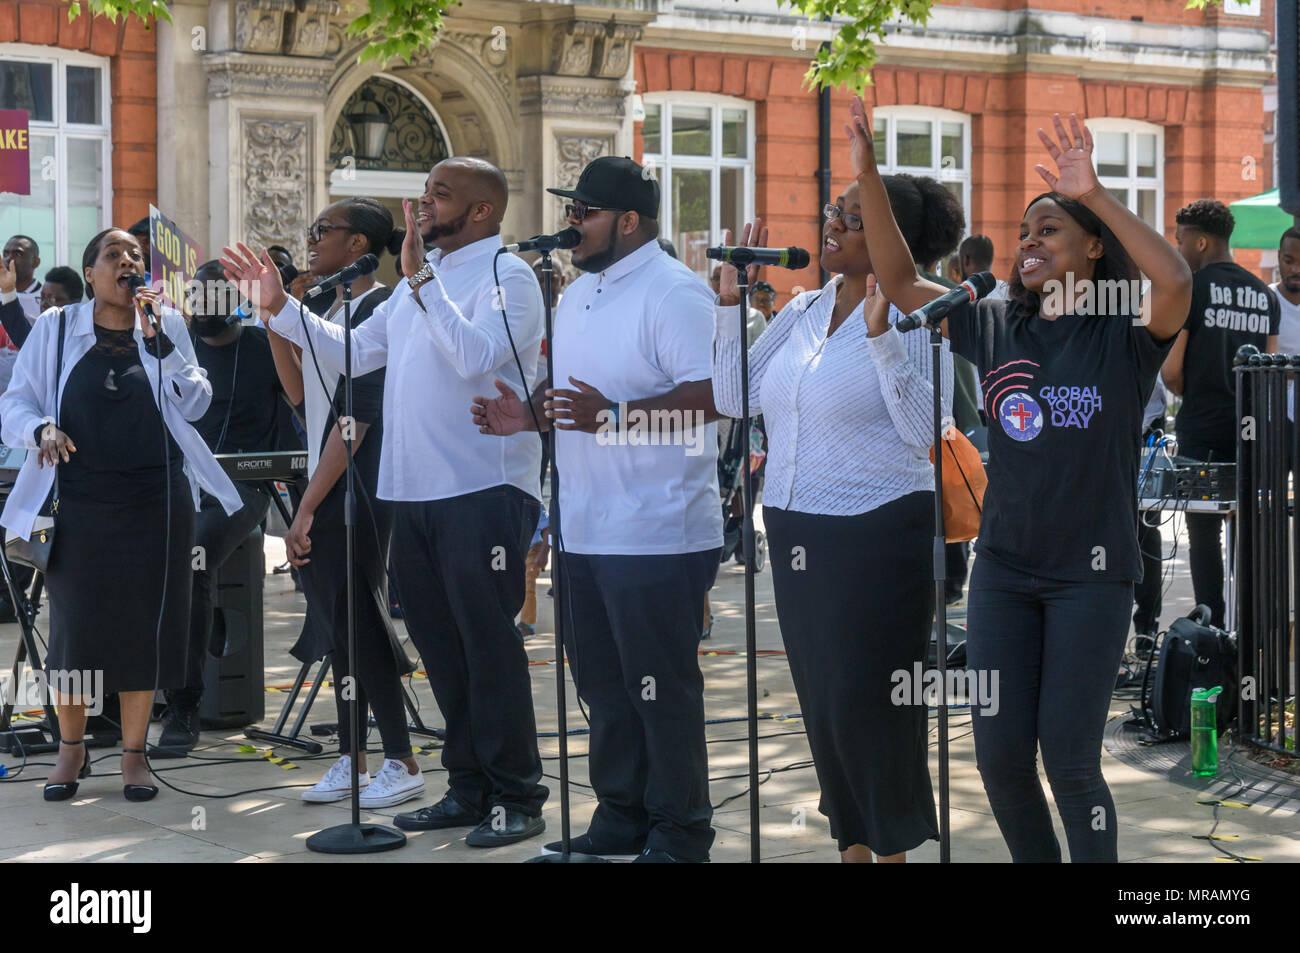 London, UK  26th May, 2018  A gospel choir sings at the Brixton